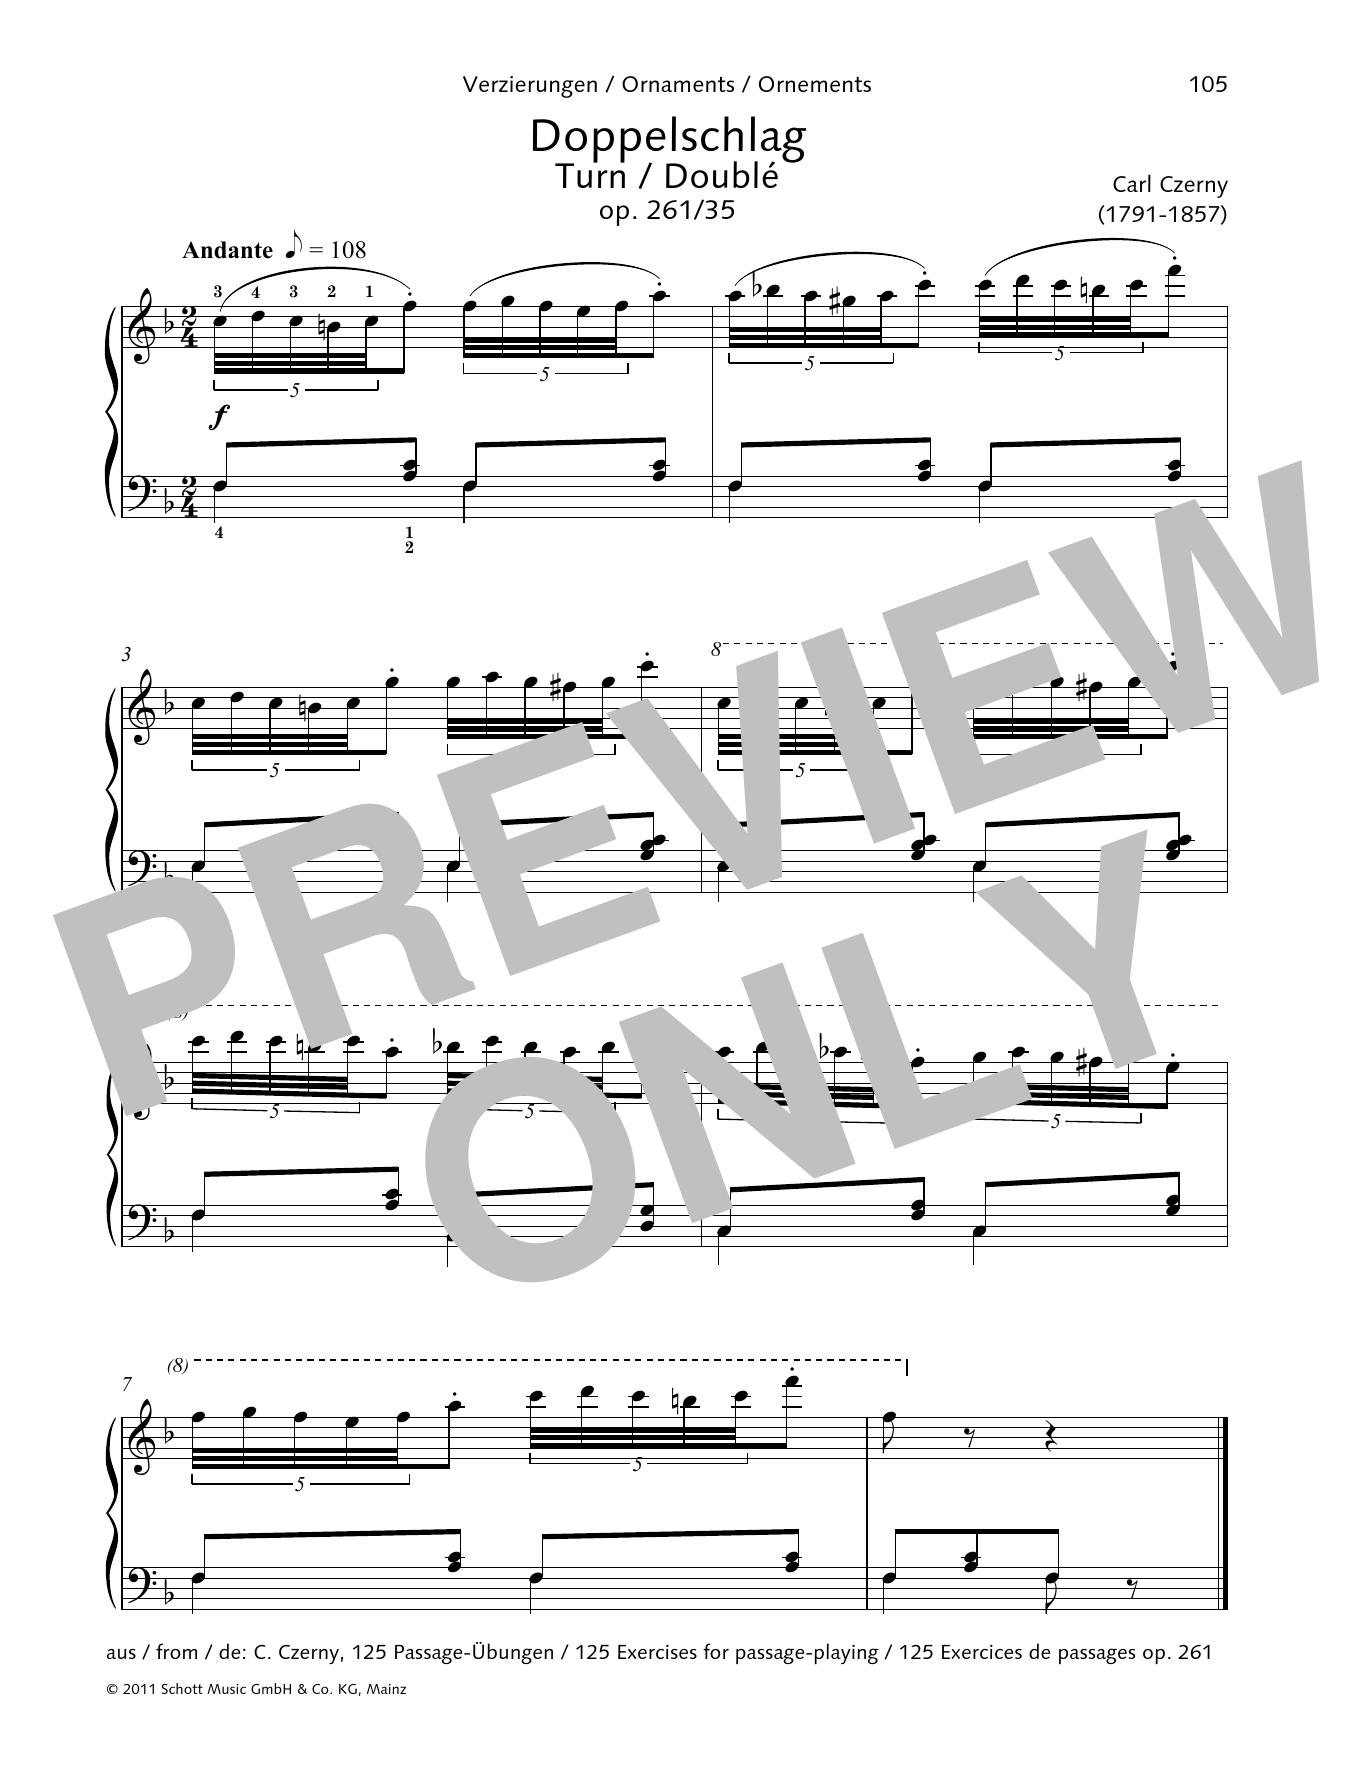 Turn Sheet Music